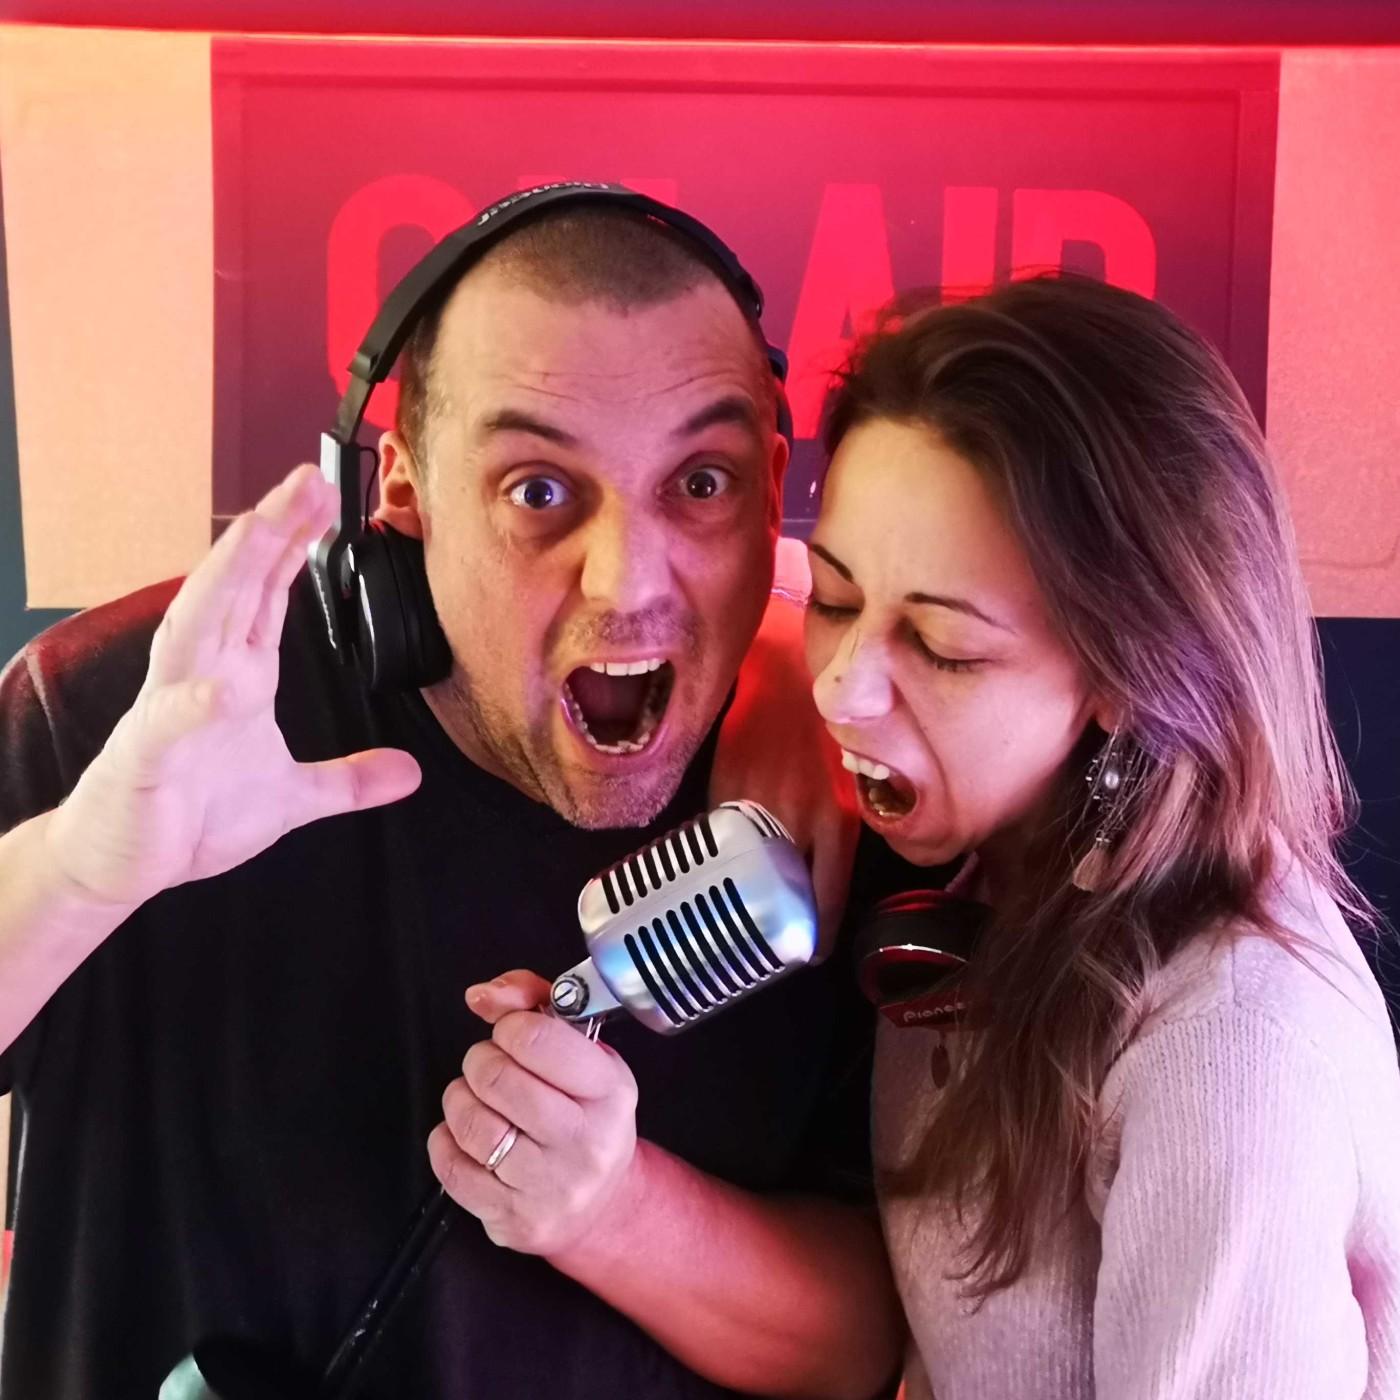 Nouvelle chroniqueuse sur notre antenne, Bienvenue à Sarah - 14 01 2021 - StereoChic Radio